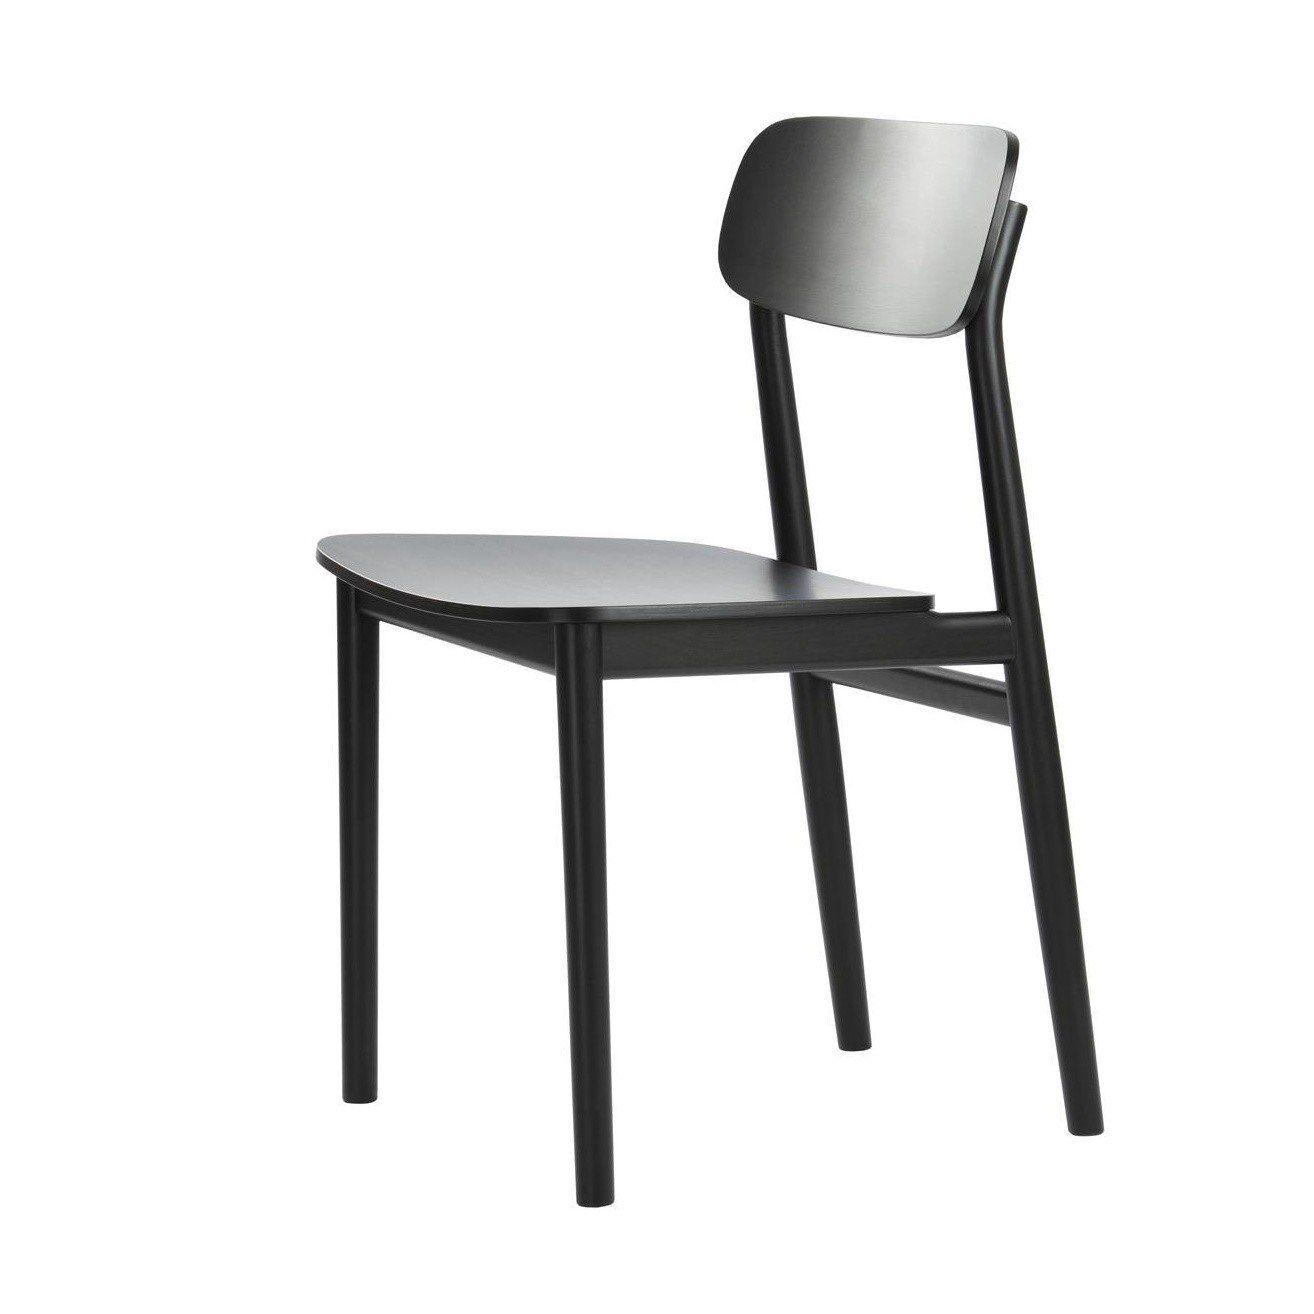 Thonet 130 Stuhl Ambientedirect Stuhl Design Stuhle Holzstuhle